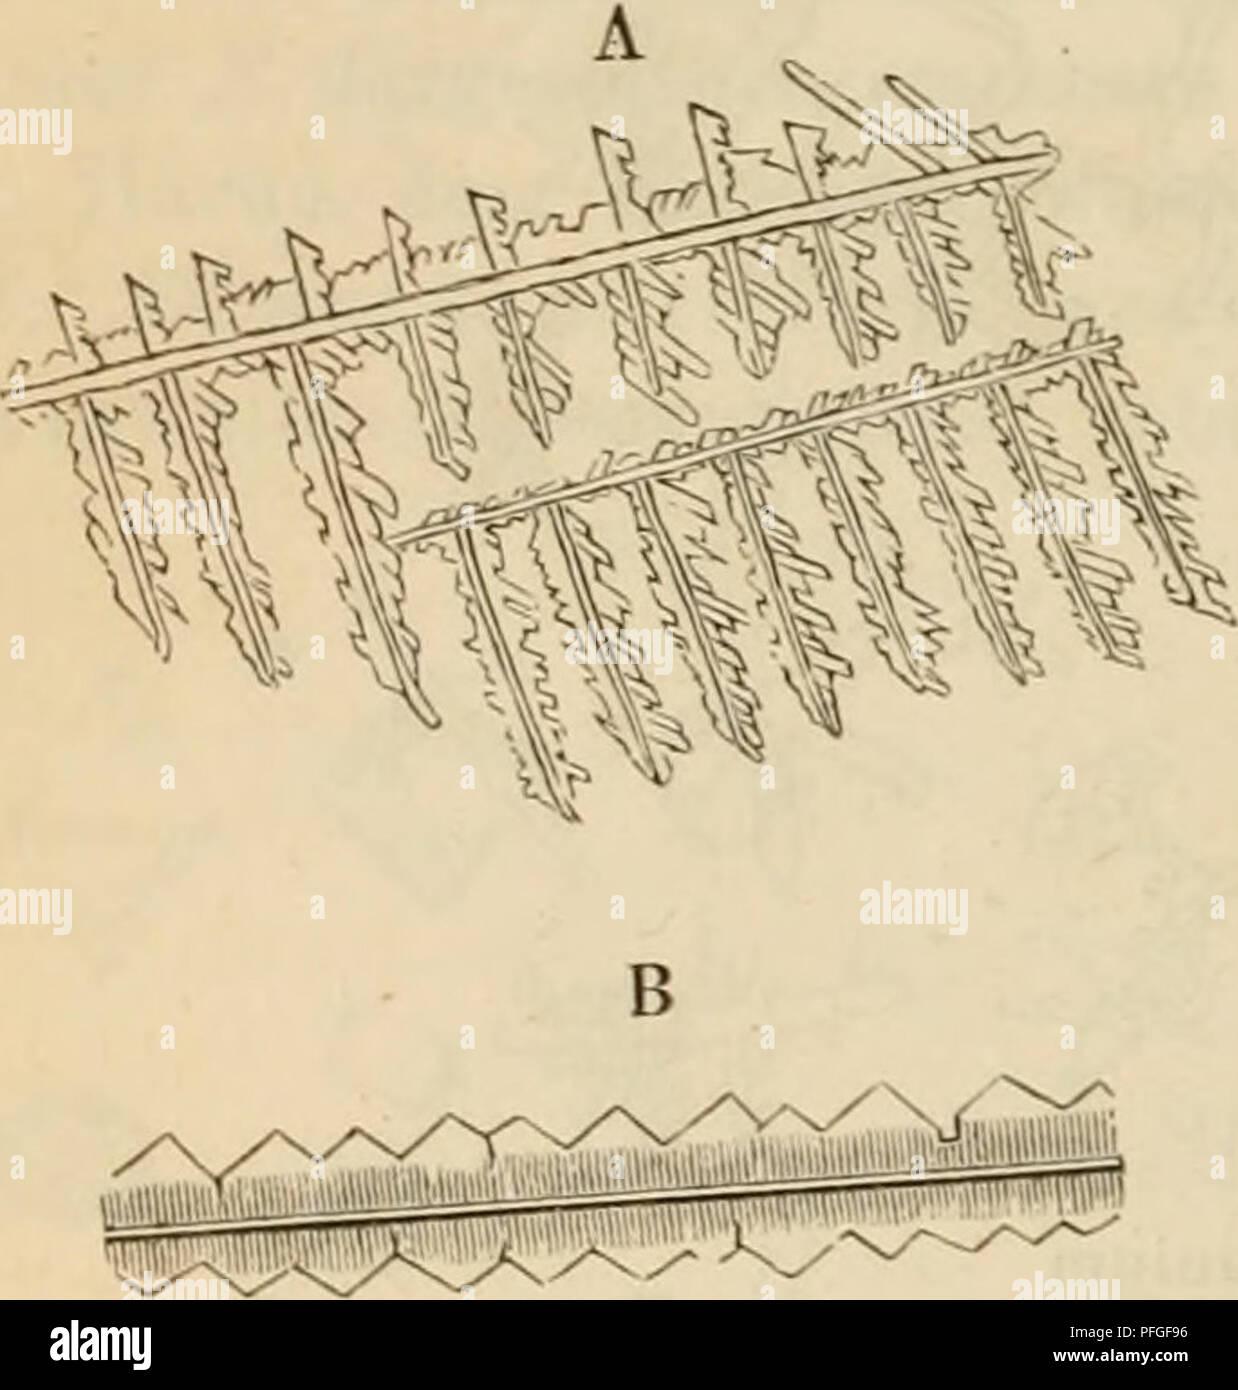 . Das mikroskop. Theorie, gebrauch, geschichte und gegenwärtiger zustand desselben. Microscopes. 454 Phosphorsaures Natronammoniak; oxalsaures Ammoniak. meistens parallel (^), was beim Chlorammonium nur selten vorkommt. Die Unterscheidung vom schwefelsauren Ammonium fällt schon etwas schwerer, da manche dendritische Gestaltungen {B) mit denen dieses Salzes grosse Aehnlichkeit haben. 10. Phosphorsaures Natronammoniak (Fig. 176). Die Kry- stalle dieses Doppelsalzes, das auch im Harne vorkommt, gehören zum Fig. 17G. r,g.... ^^ Q. Phosphorsaures Ammoniak.. Please note that these images are extract Stock Photo